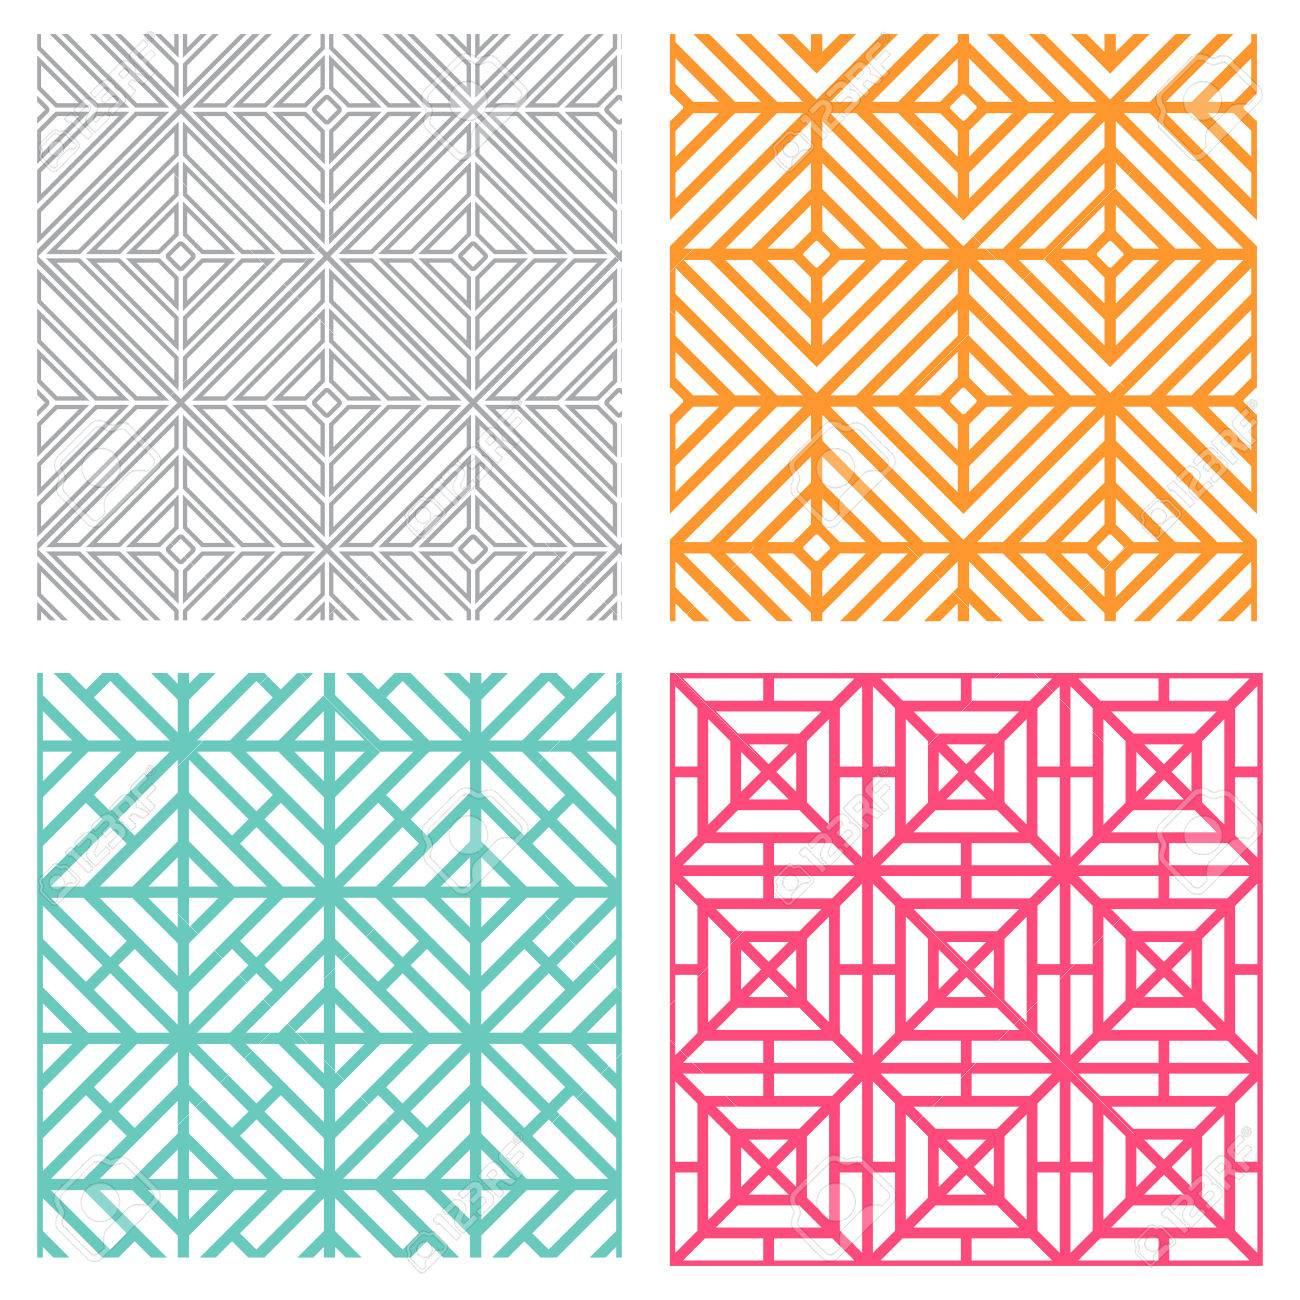 韓国風のシームレスな幾何学的な線パターンのイラスト素材ベクタ